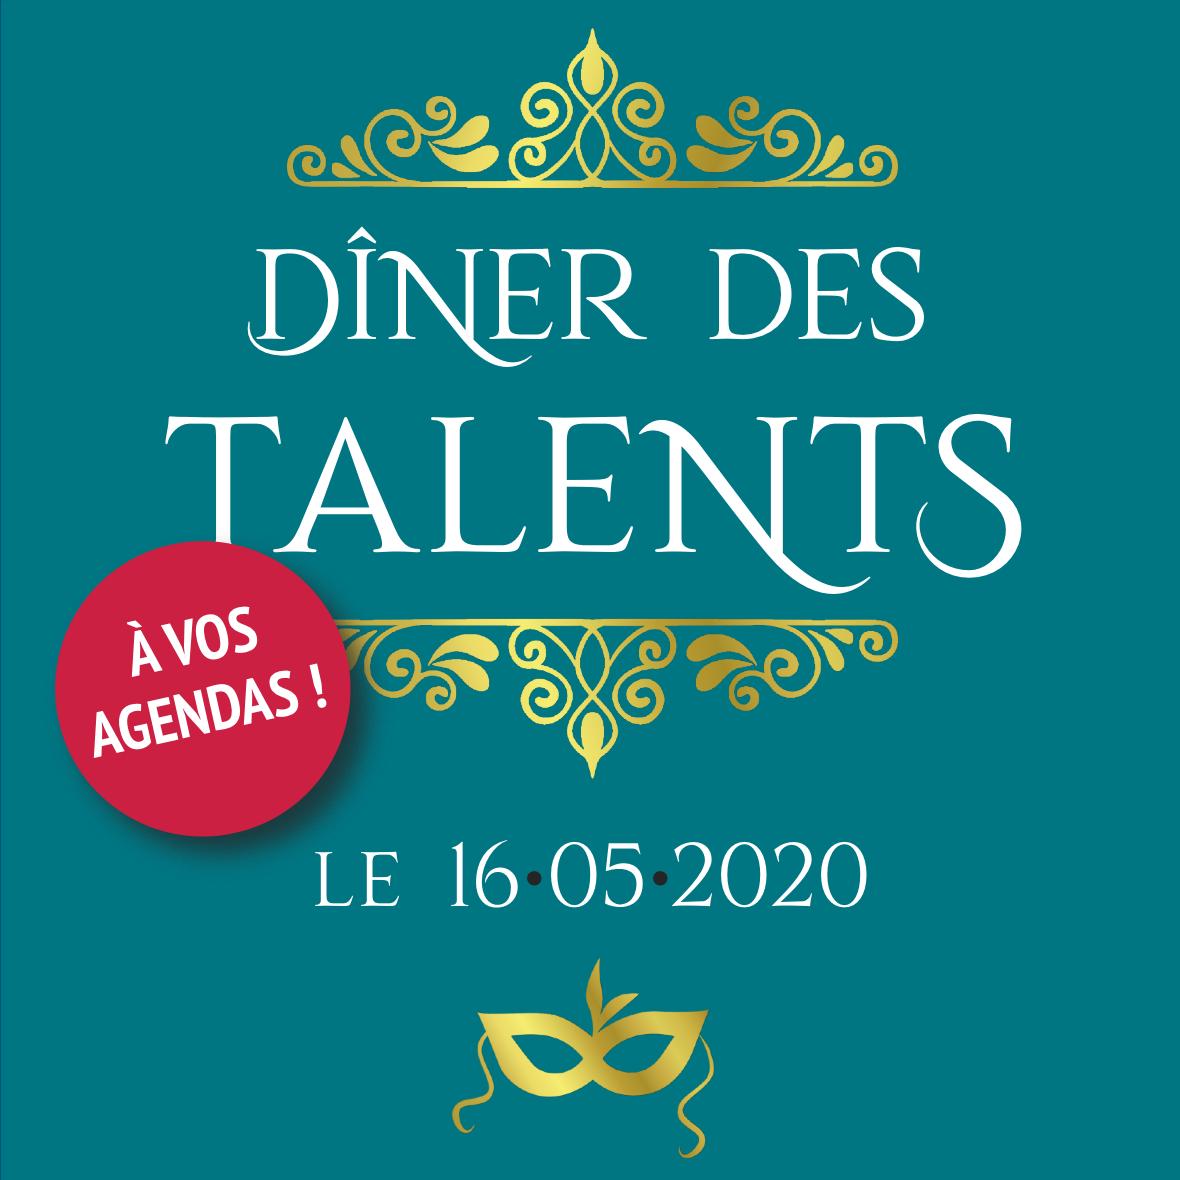 Dîner des talents 2020